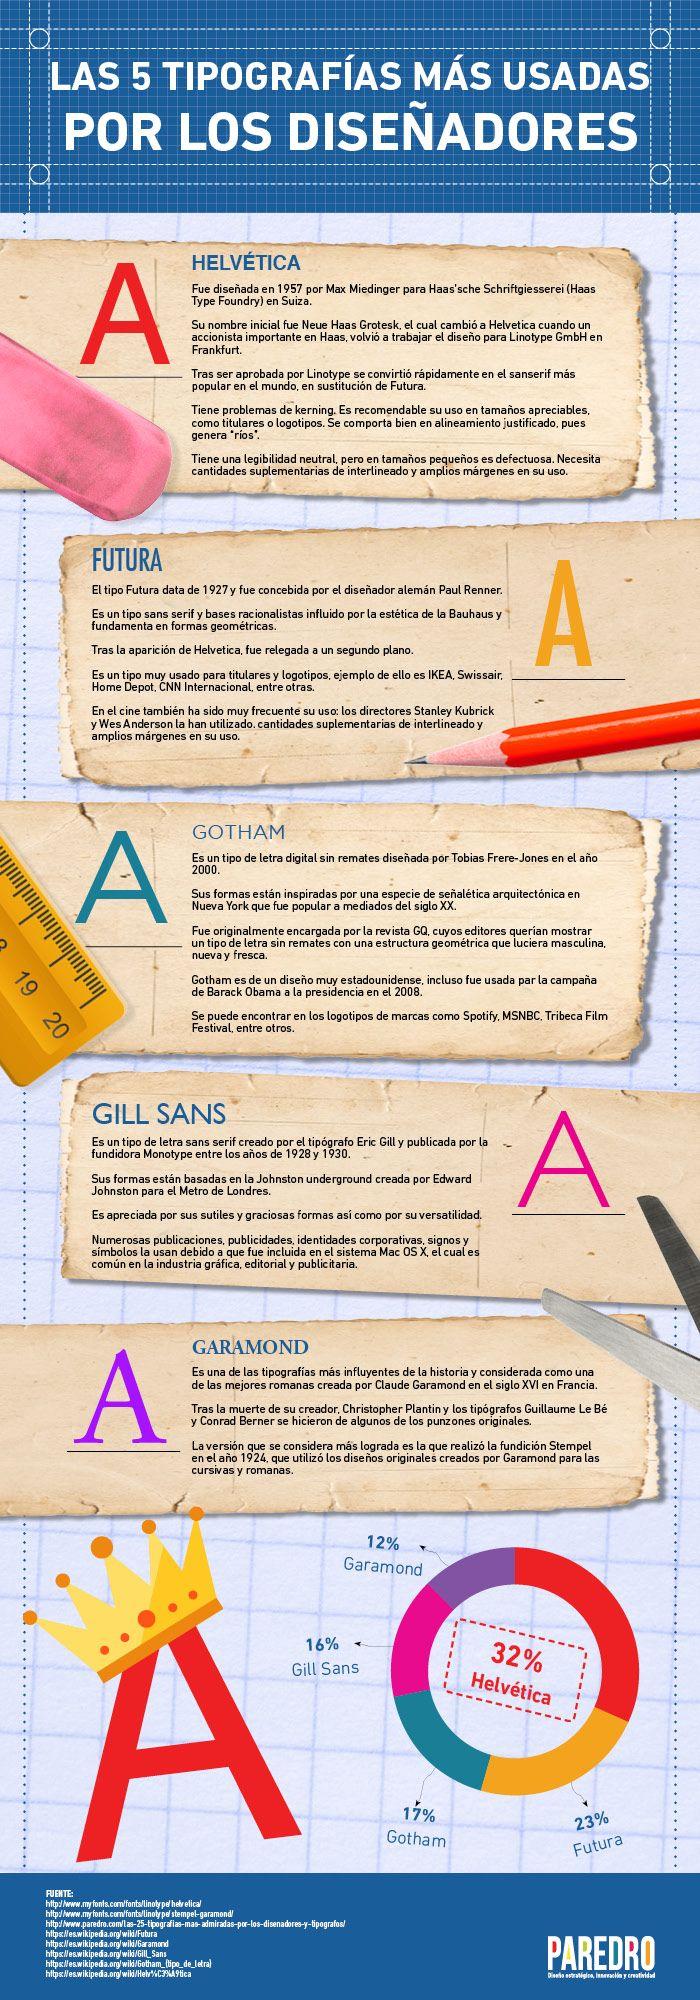 Una infografía sobre las 5 tipografías más usadas por los diseñadores.